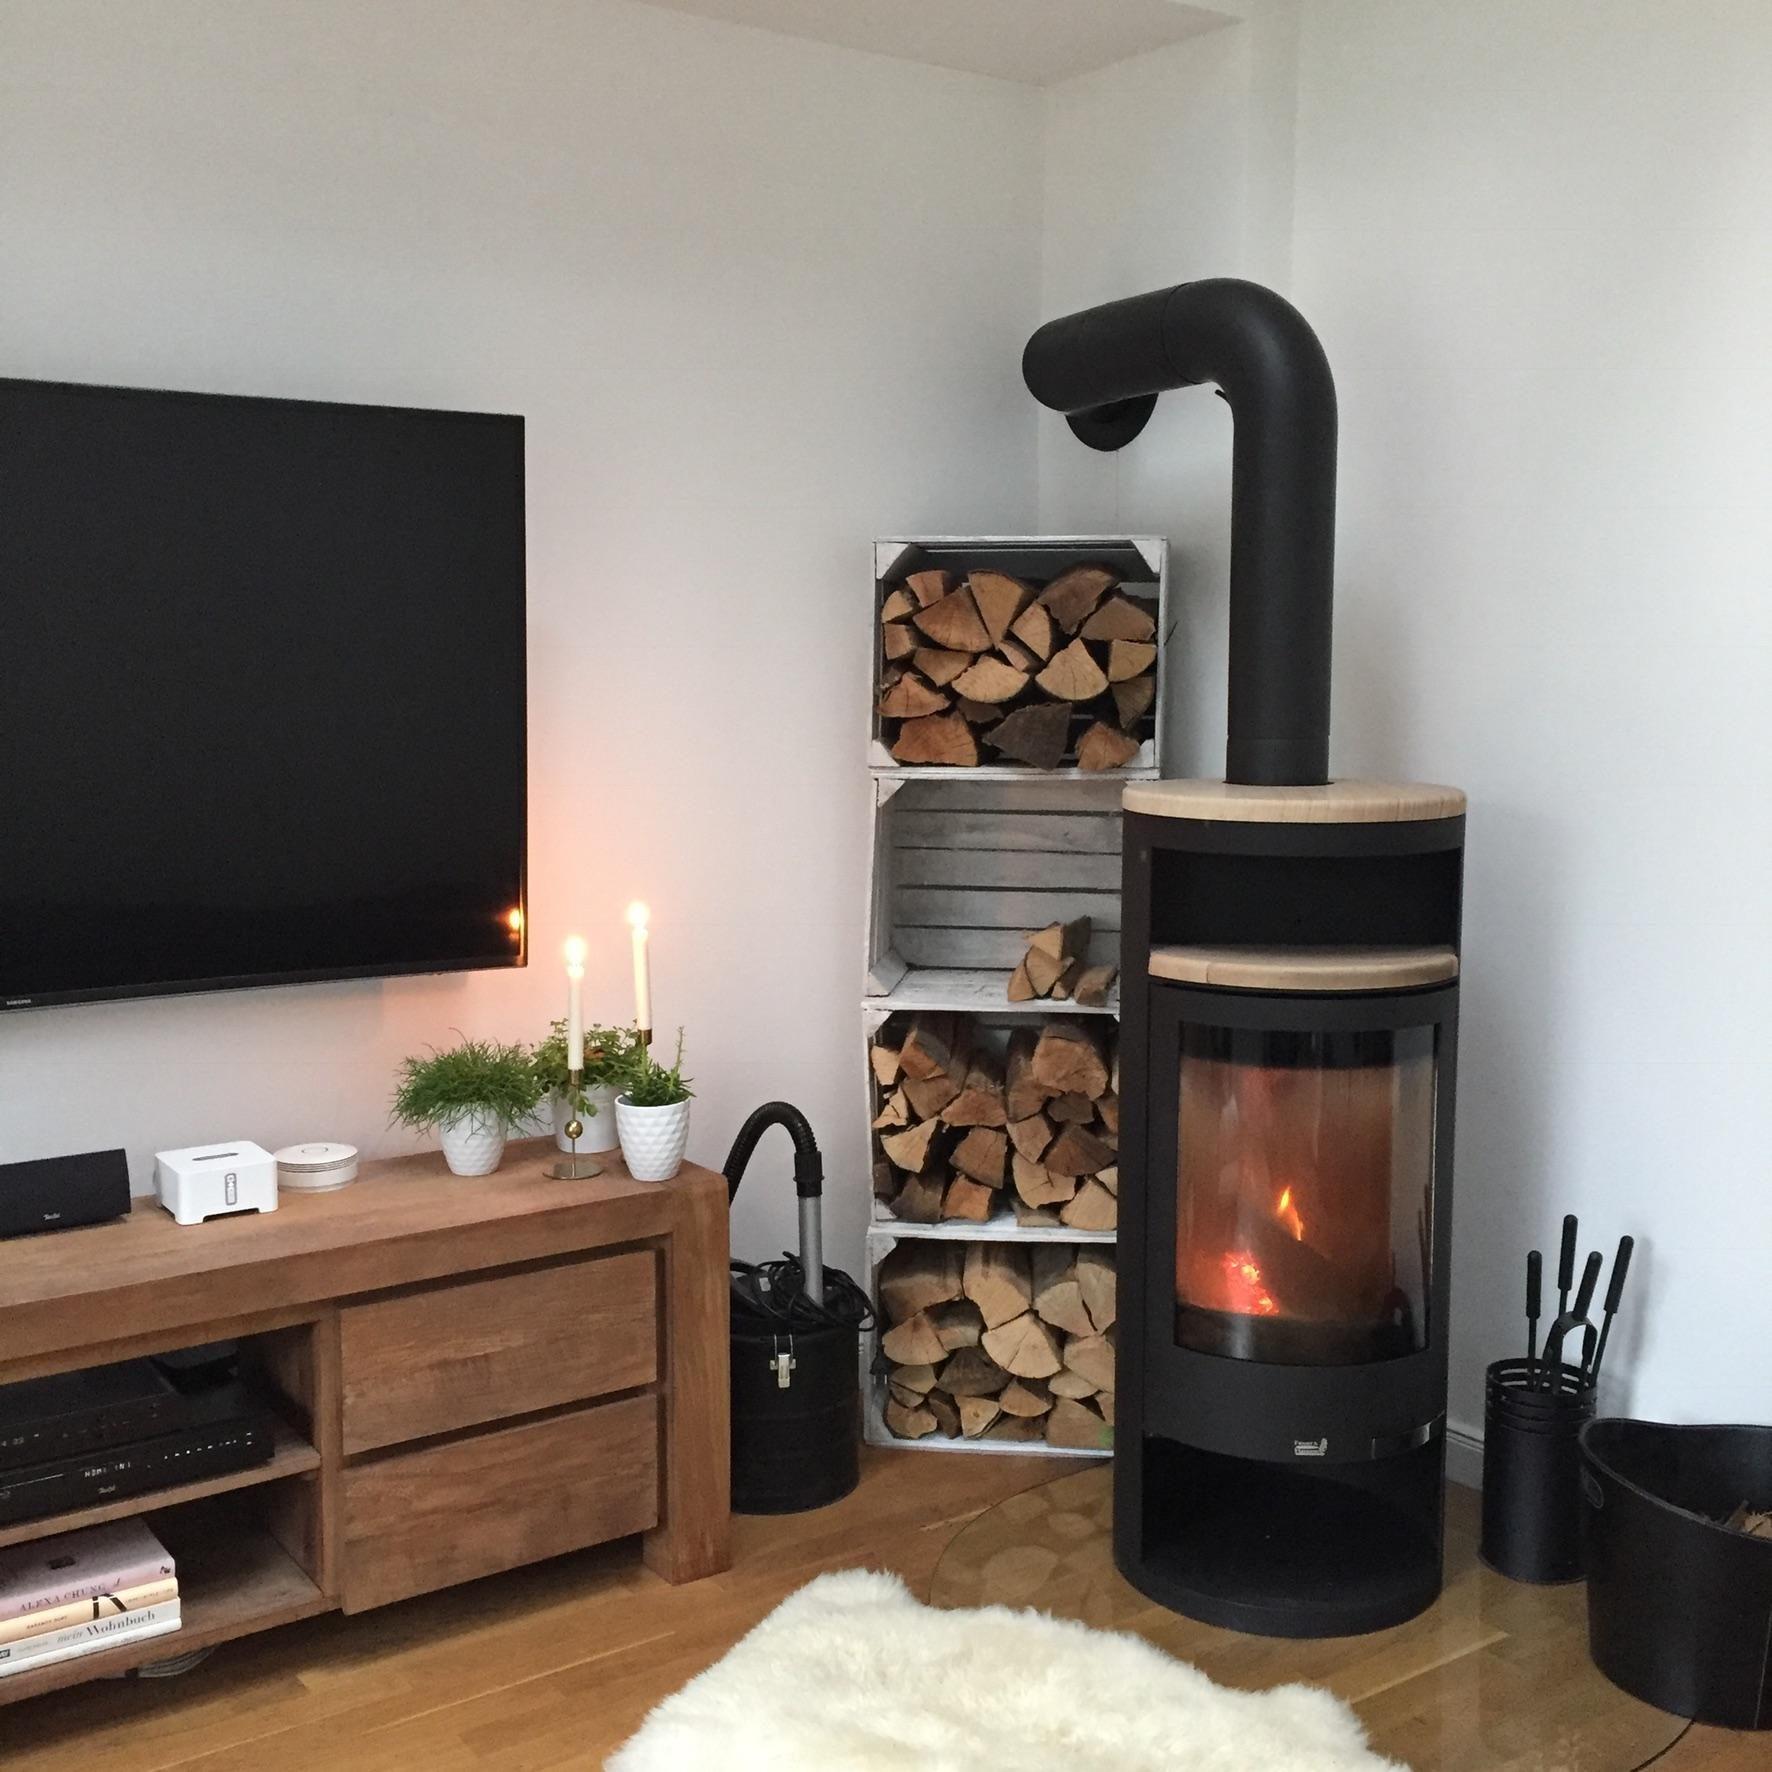 Unser Feuerholz Dient Gleichzeitig Als Dekoobjekt. #stauraum #kamin # Wohnzimmer #living #